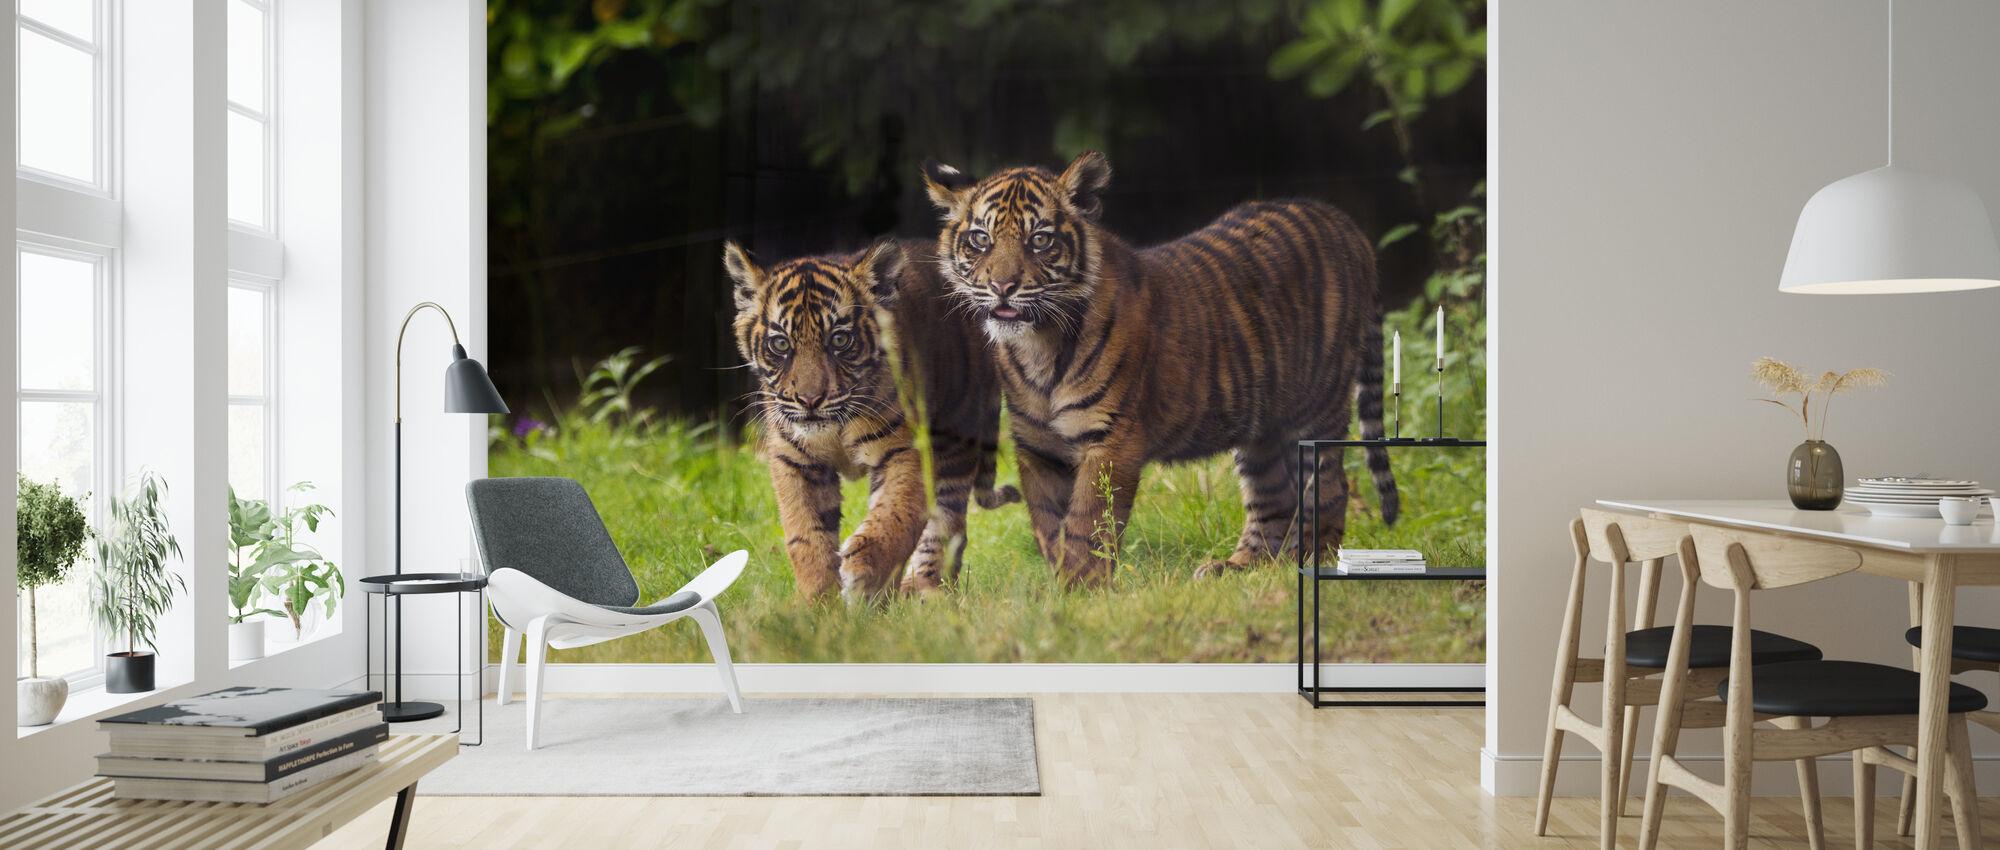 Sumatra-Tiger mit Junges - Tapete - Wohnzimmer